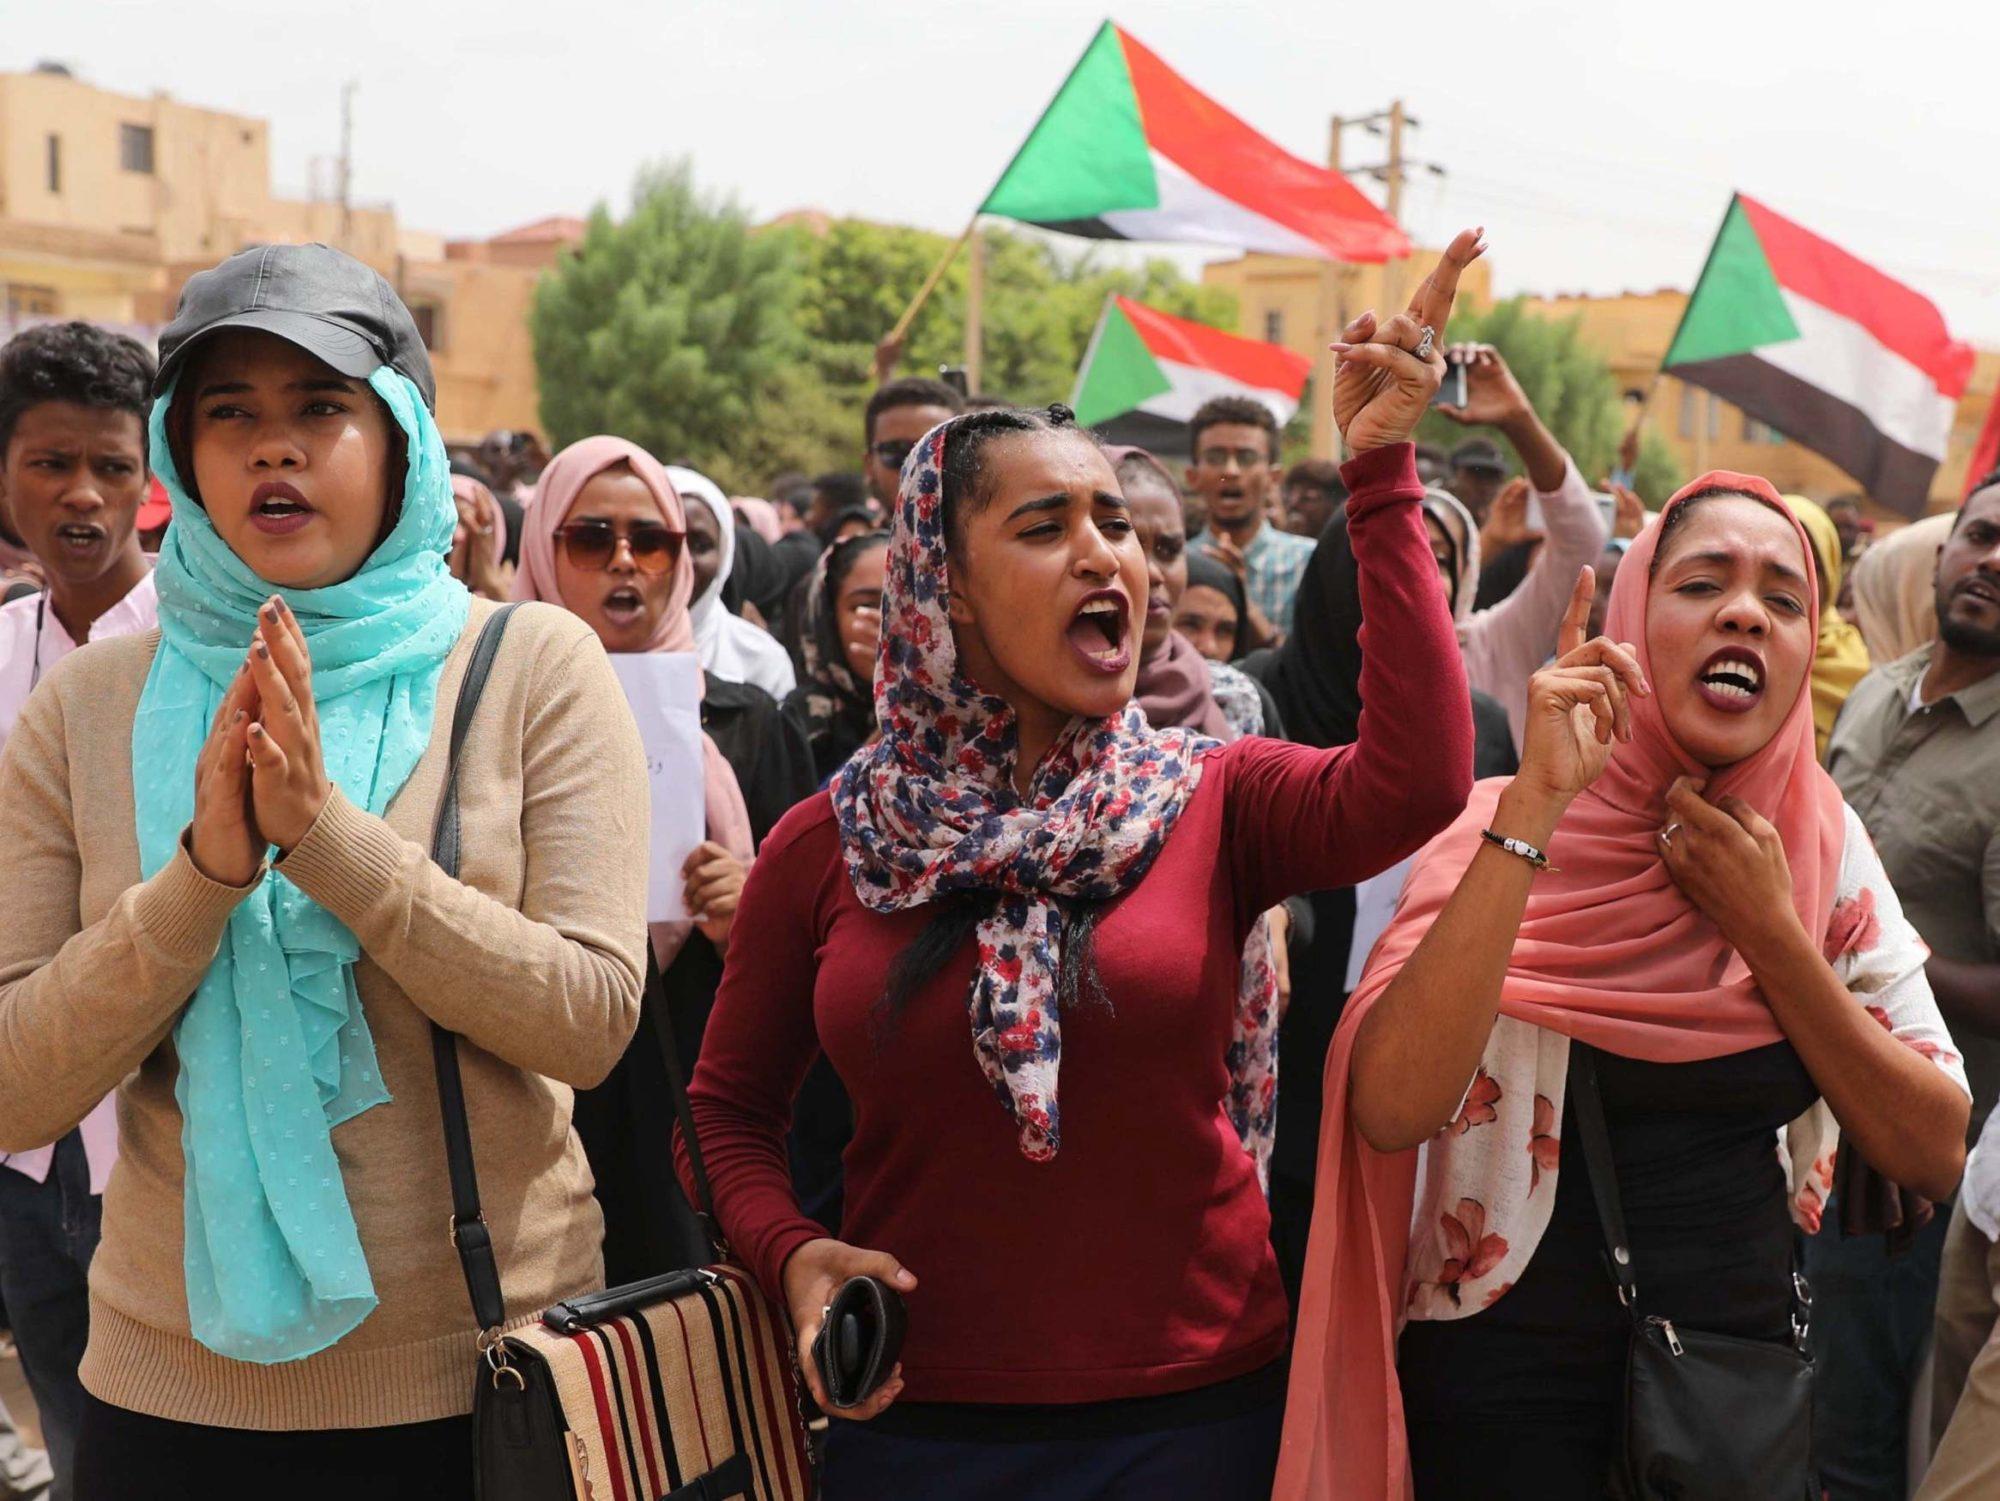 蘇丹女權一大步!立法「禁割女陰」斬陋習 過去9成女性都受害